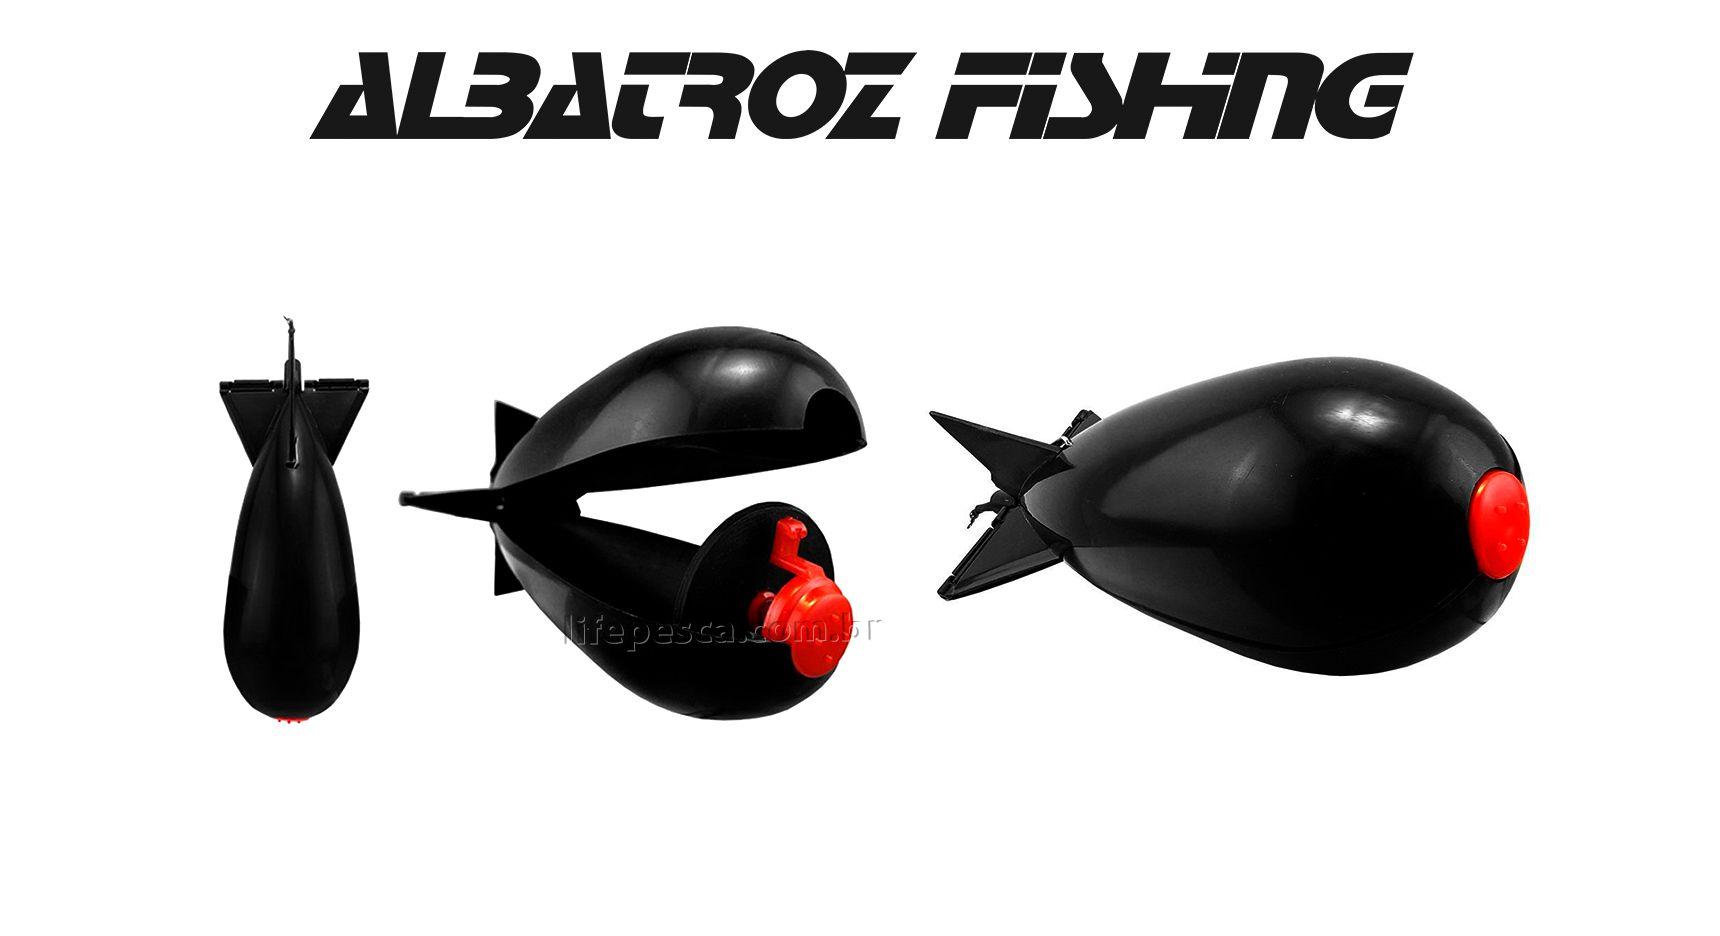 Cevadeira Rocket - Albatroz Fishing  - Life Pesca - Sua loja de Pesca, Camping e Lazer